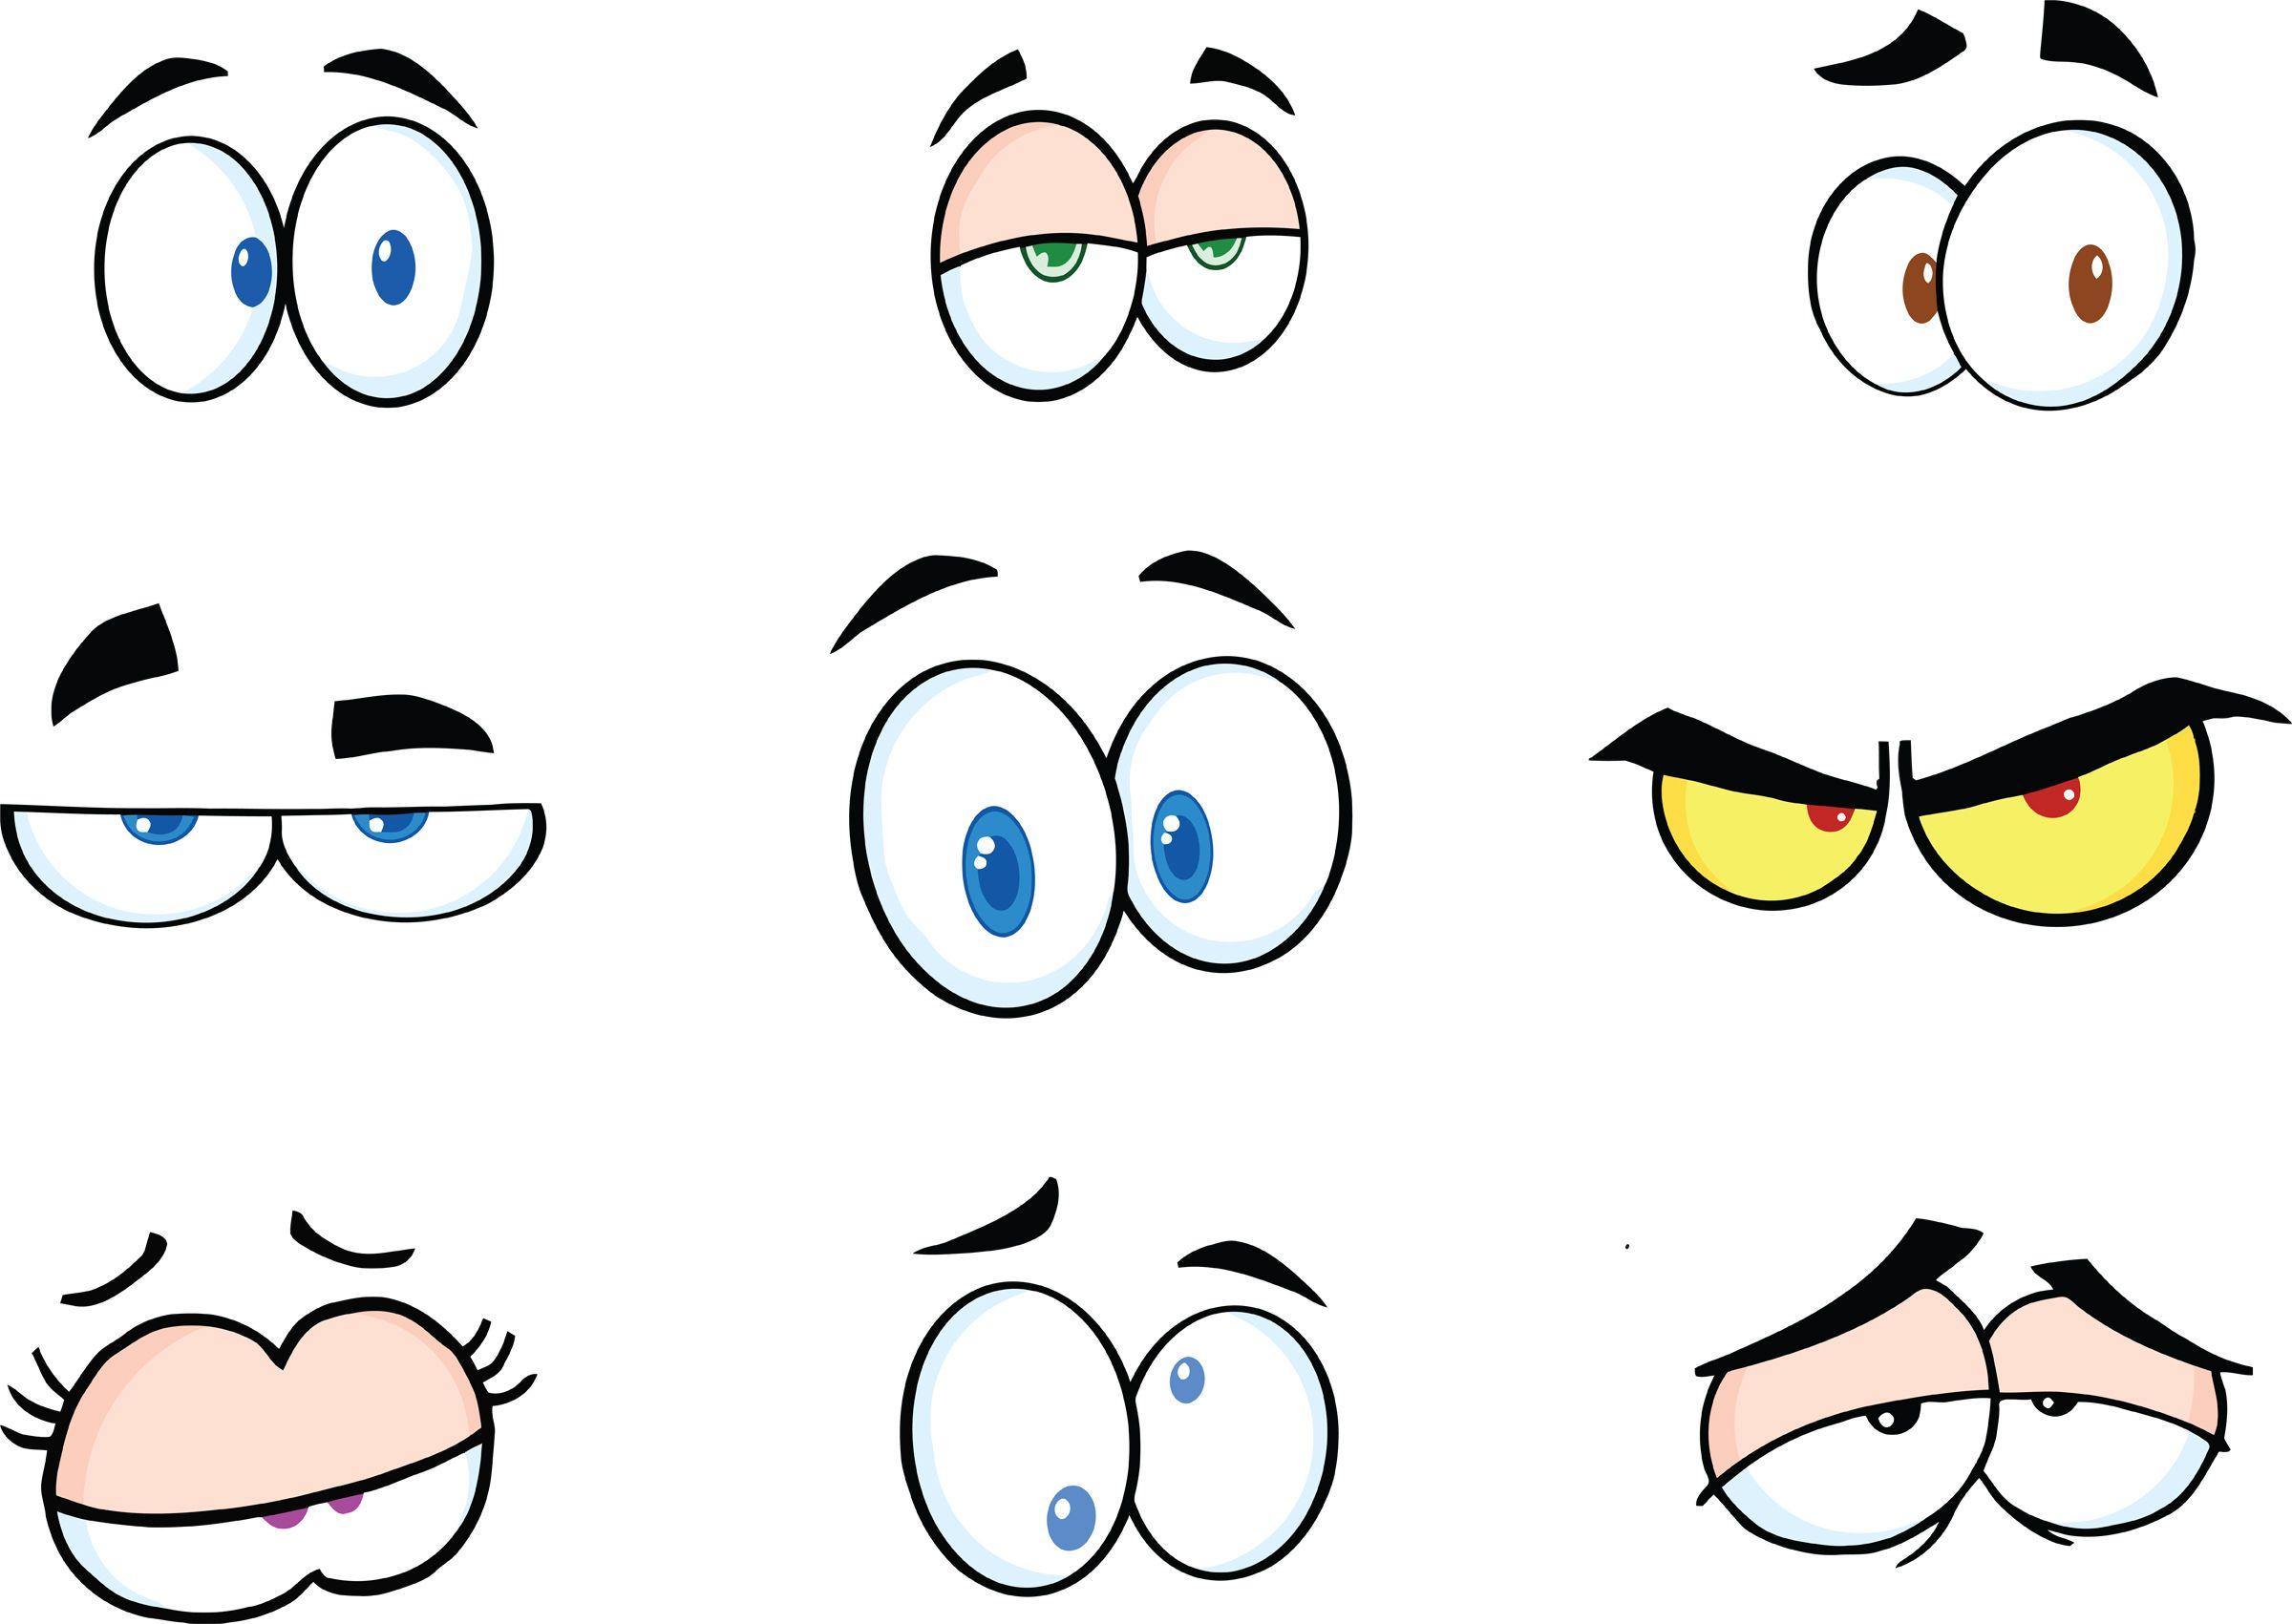 Funny cartoon eyes.